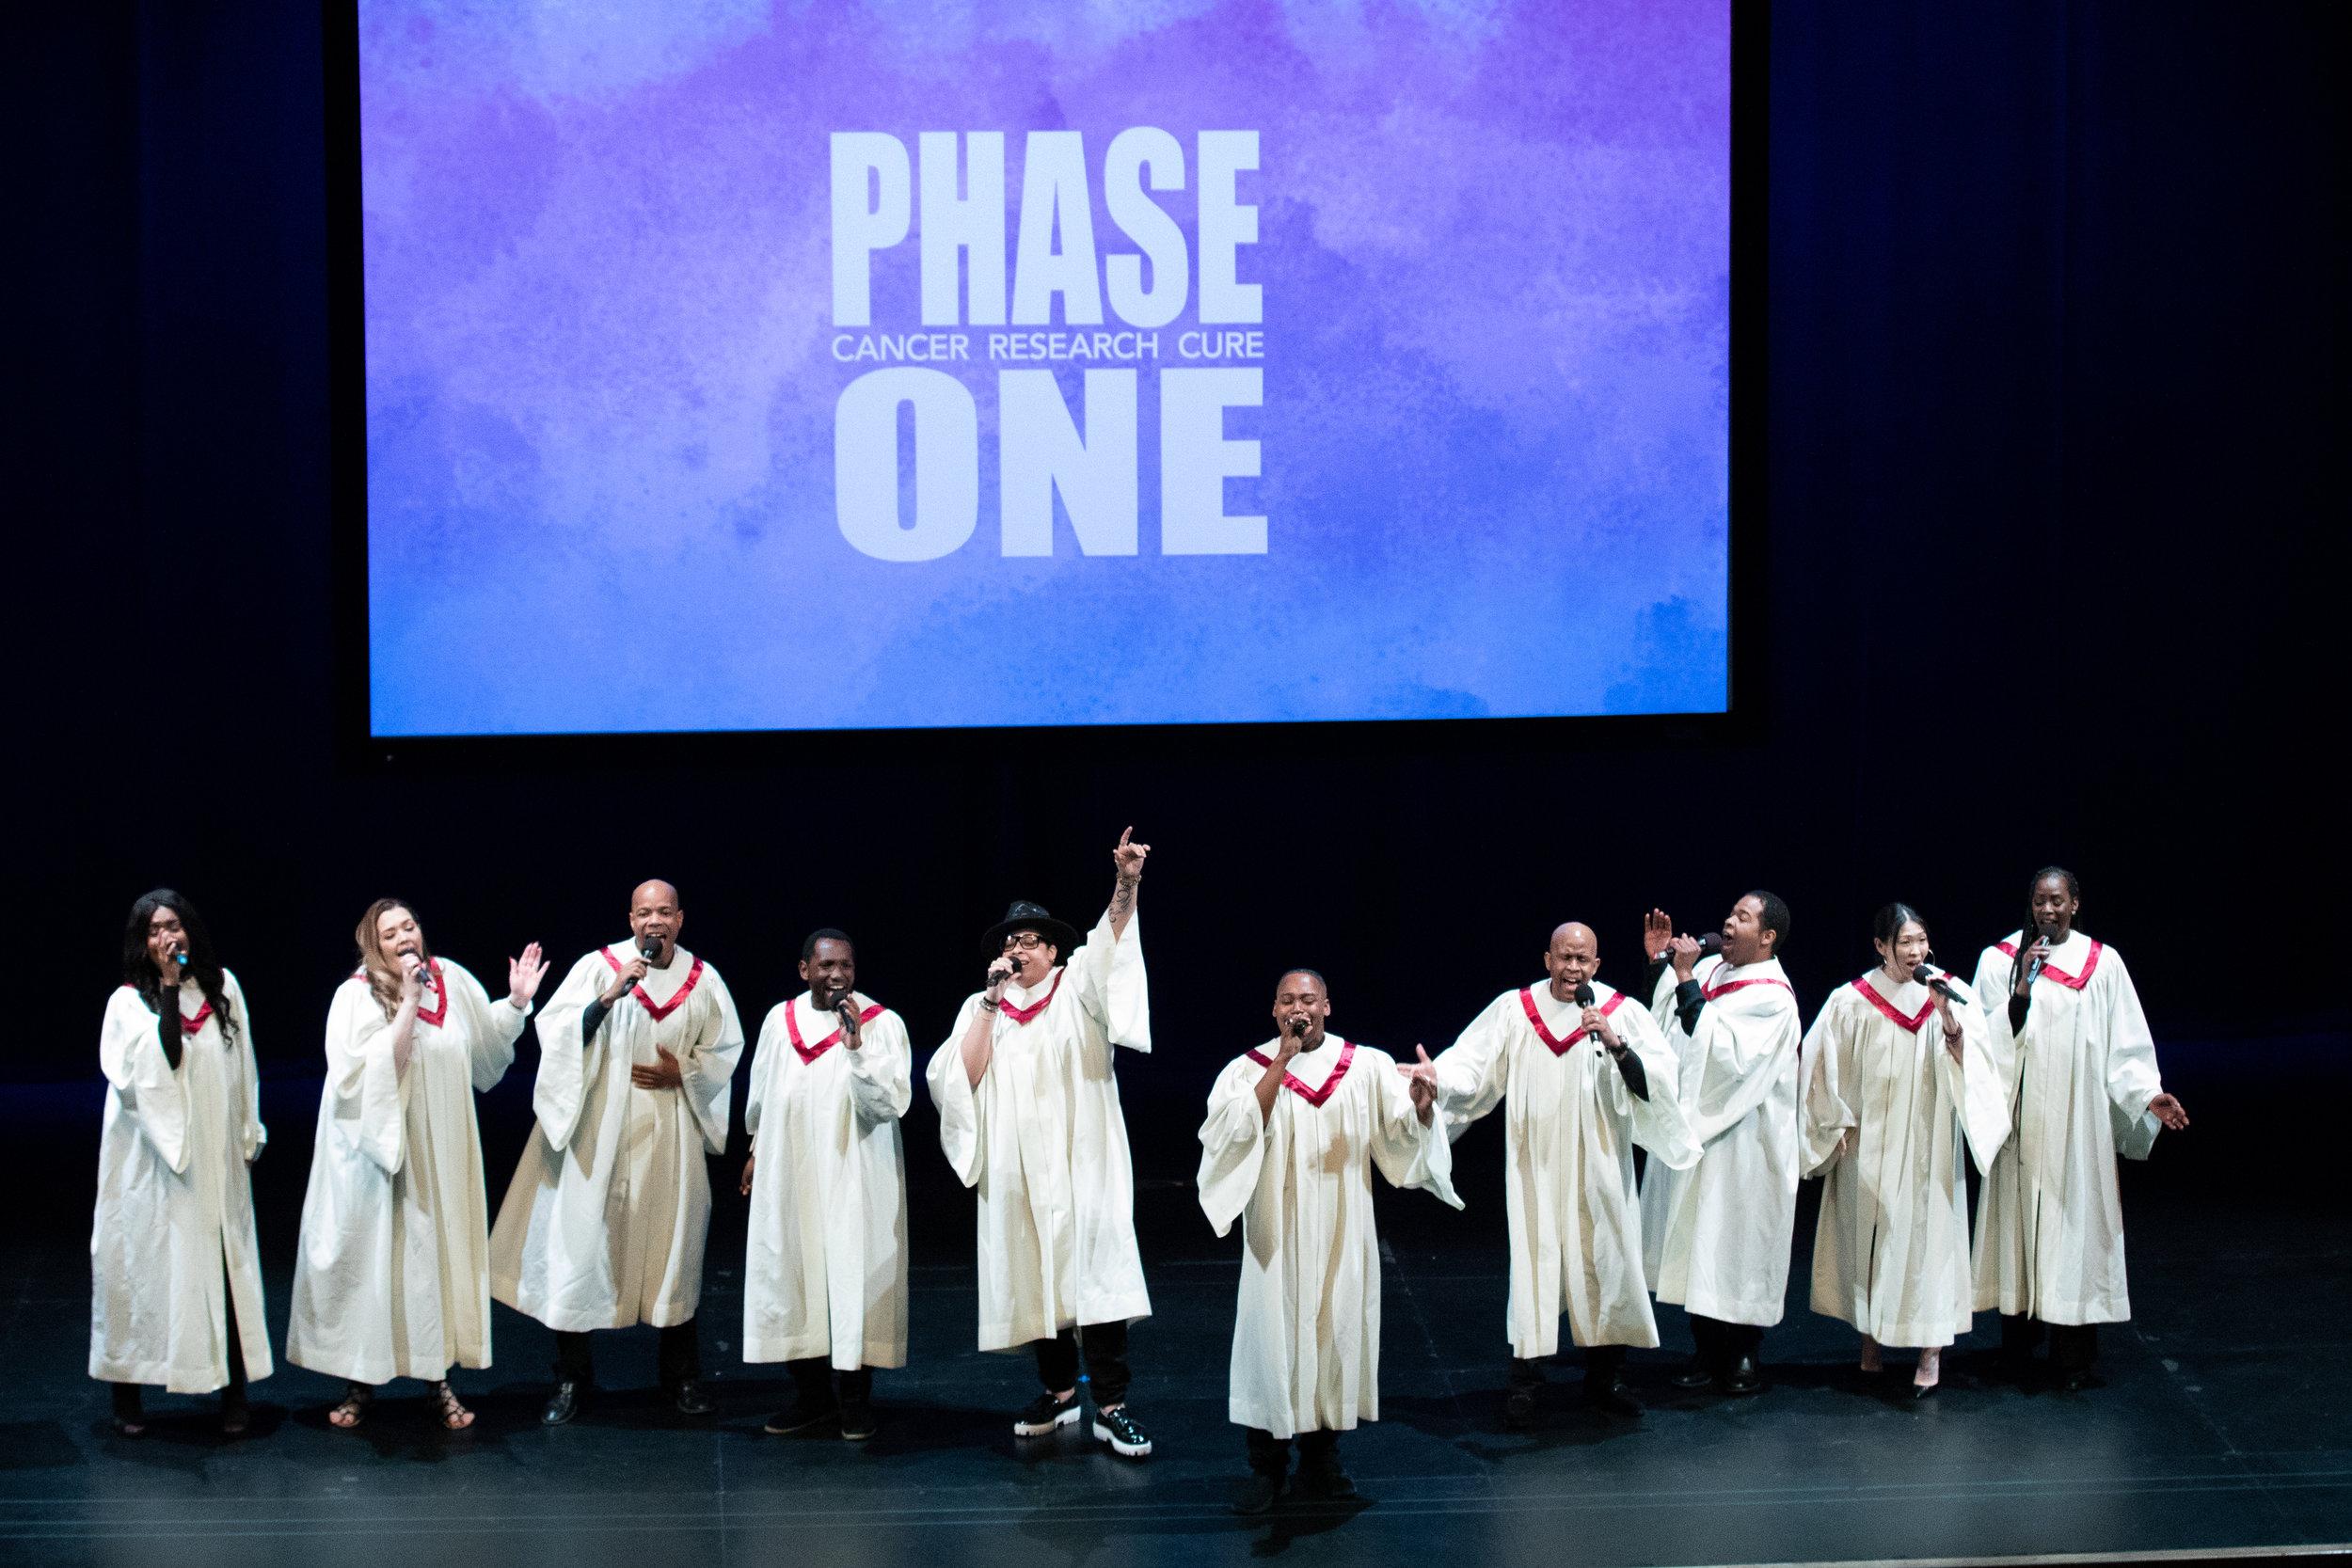 Phase 1-336-9A3A8694--.jpg